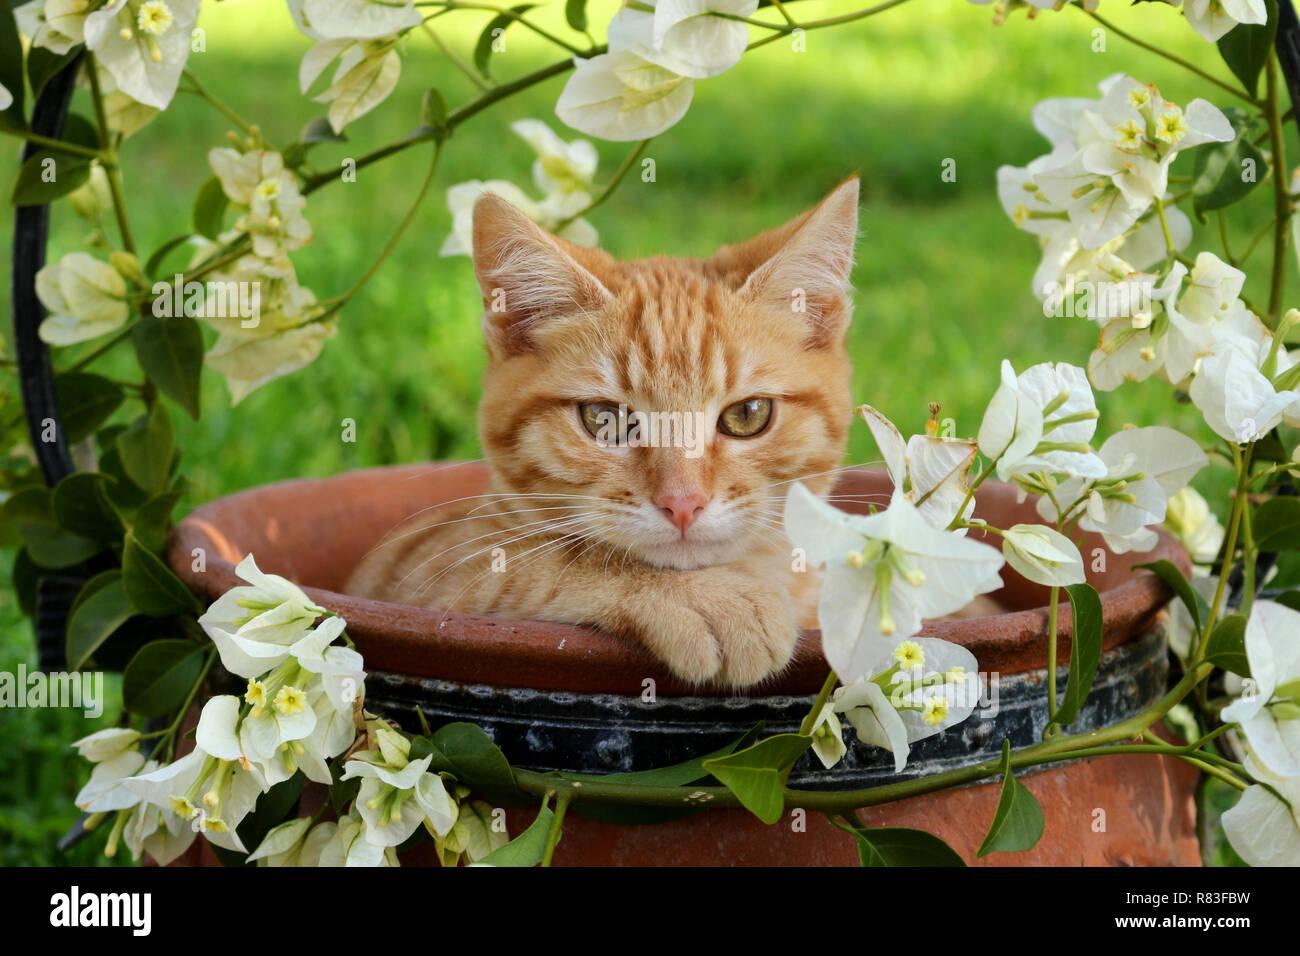 Jeune chat de gingembre, 3 mois, couché dans un pot de fleurs avec des bougainvilliers blanc Banque D'Images